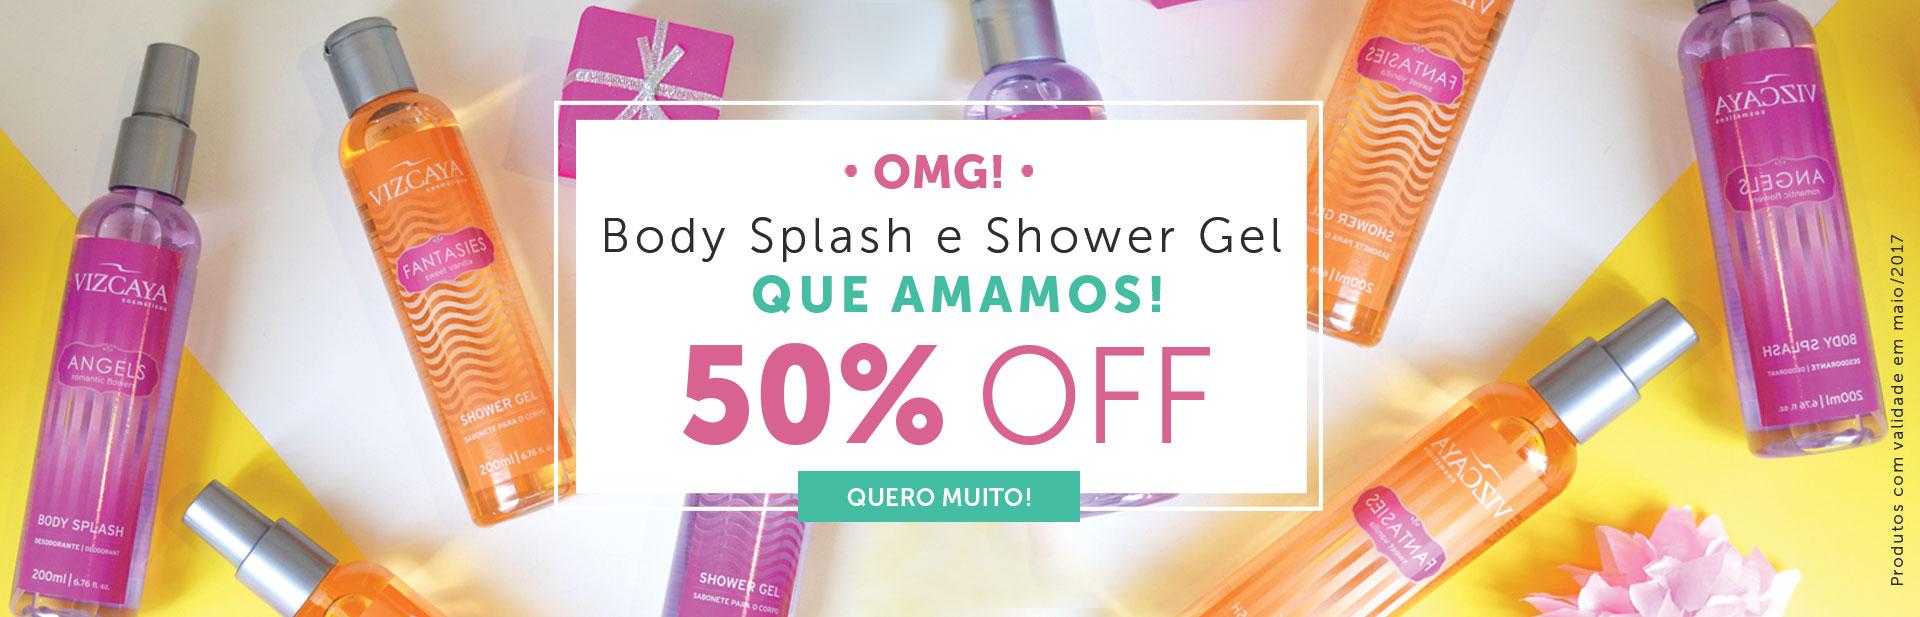 Body Splash